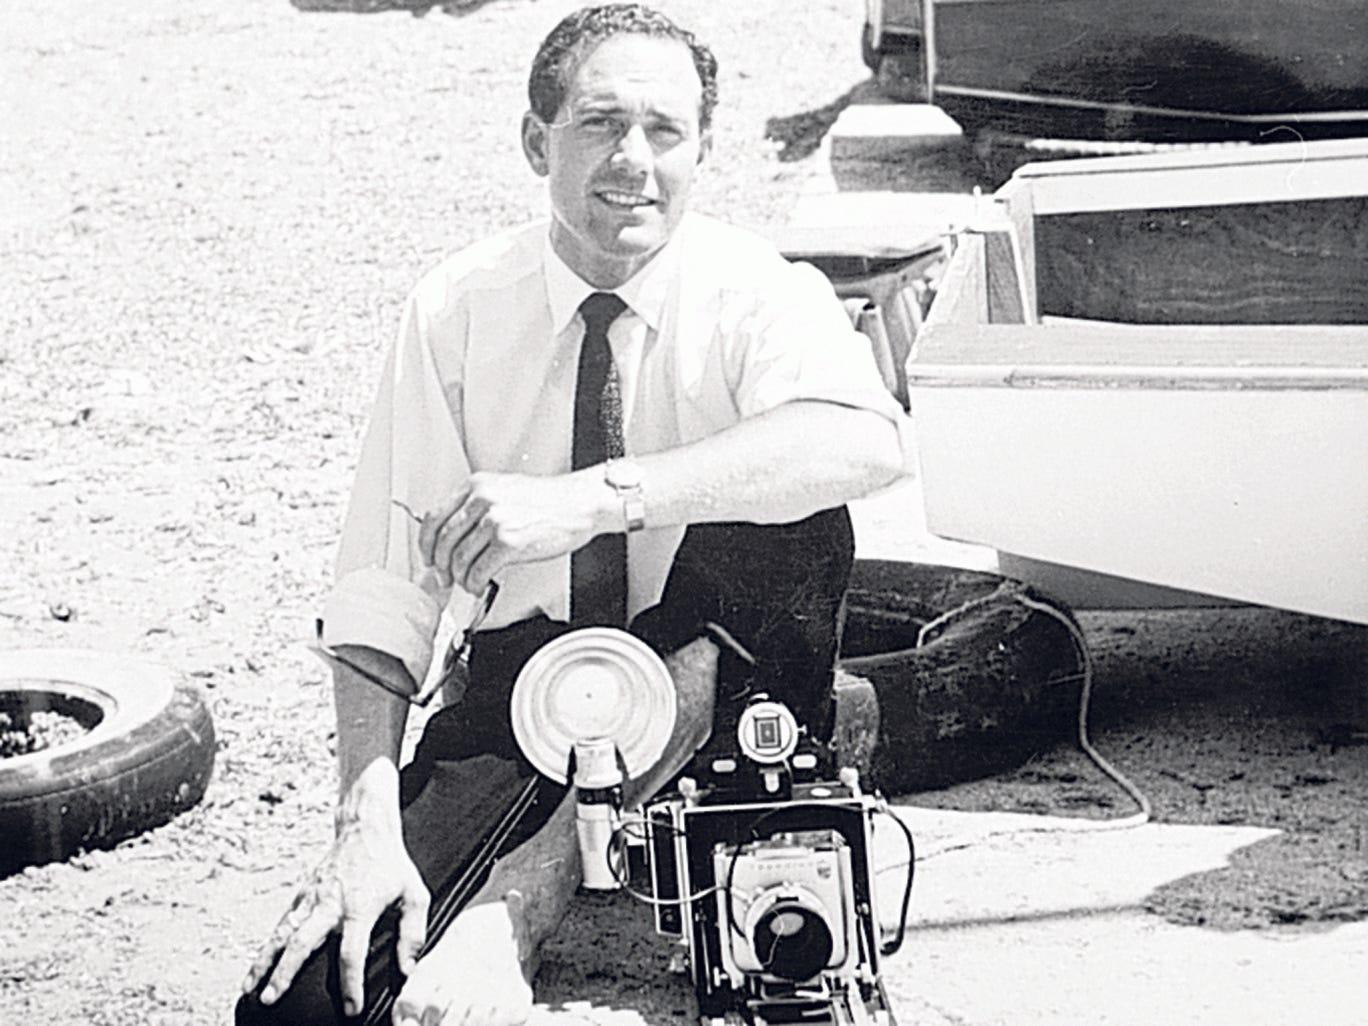 Lucas in 1958